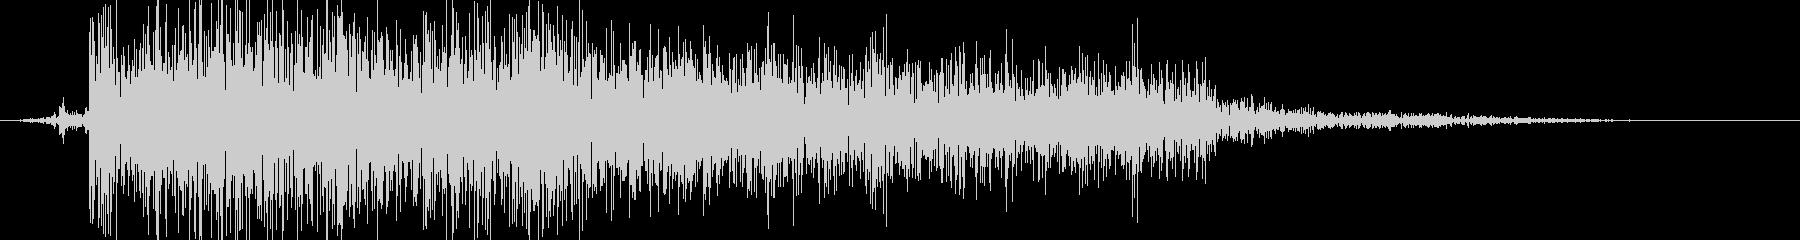 ビシュッの未再生の波形